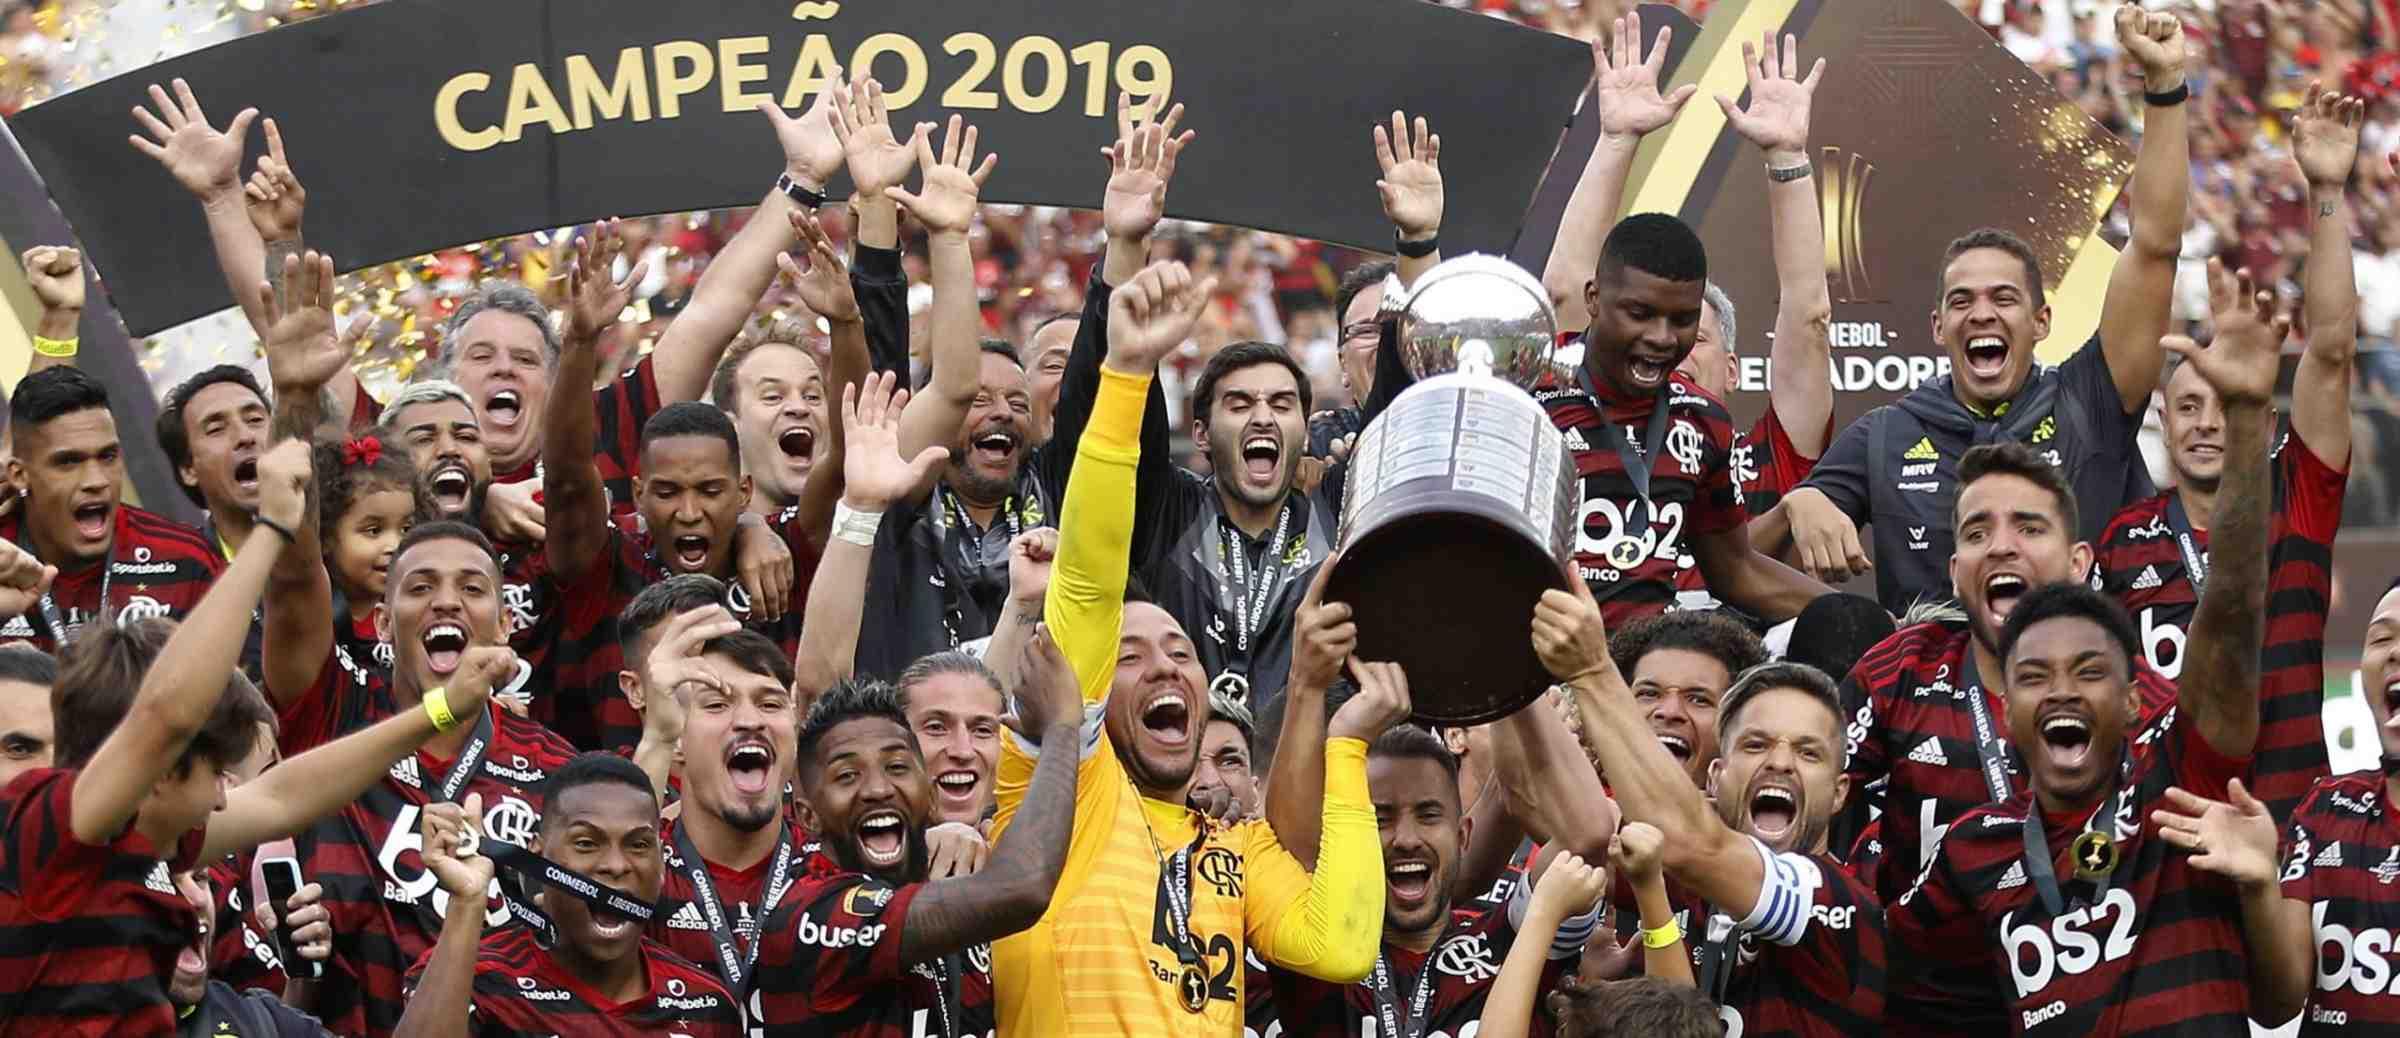 Como o Flamengo se tornou uma potência econômica no futebol brasileiro?